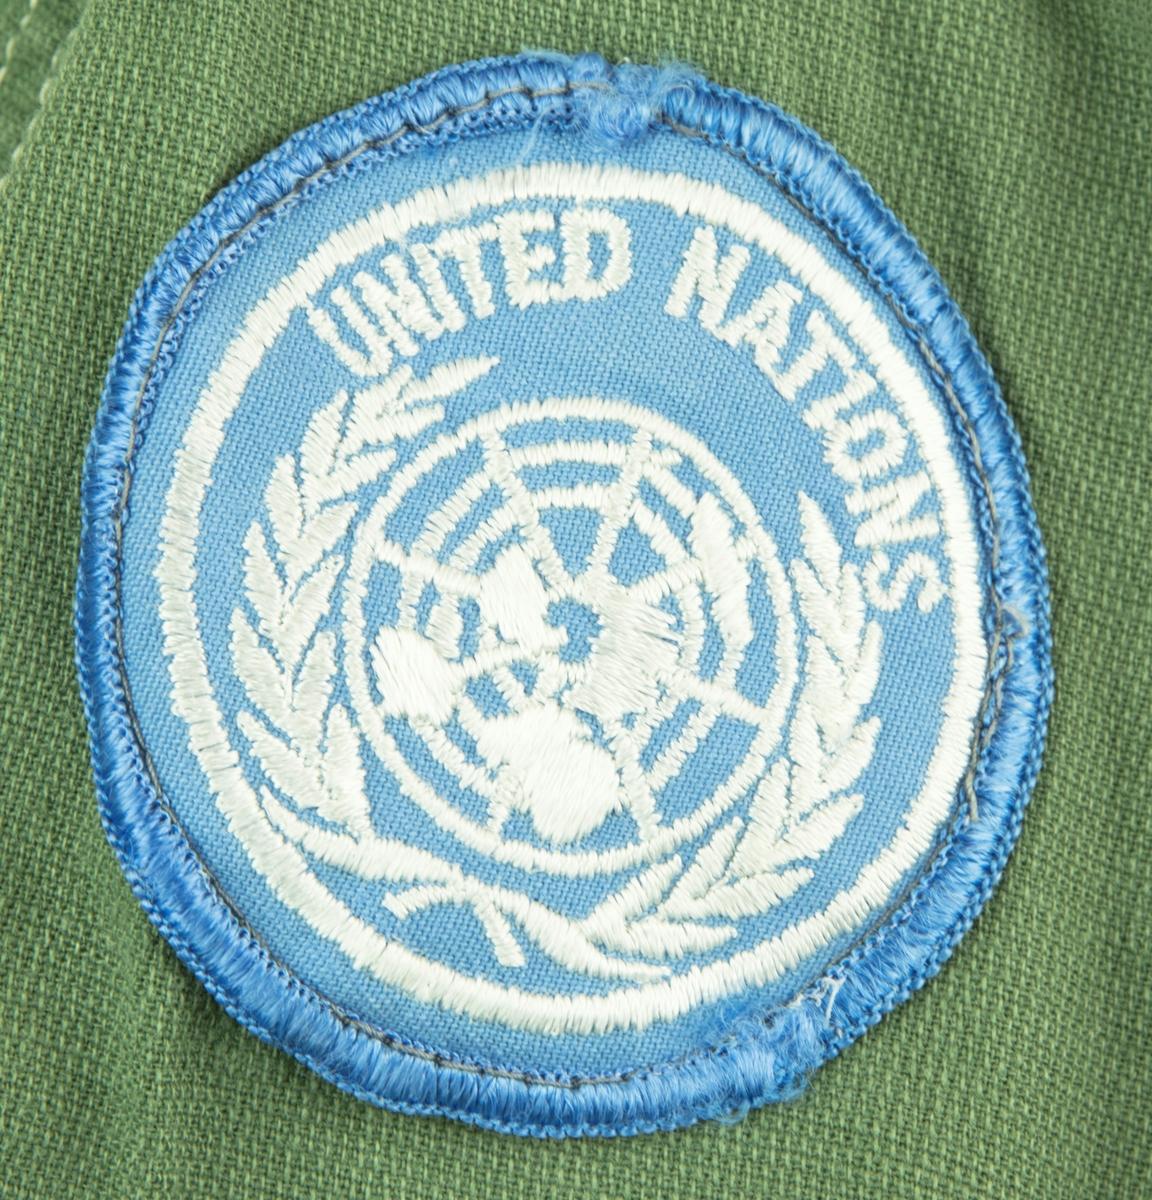 """Skjorta i ljus militärgrön, brukad vid FN-tjänst. Två bröstfickor fram med knäppning. Knäppning fram med fyra knappar. Slejf på vardera axel för axelklaffhylsor. På vänster axel (framifrån) sitter ett ljusblått tygmärke med FN logga, på höger axel sitter ett tygmärke med Svensk vapensköld och texten """"SWEDEN"""" i gult. Storlek XL."""